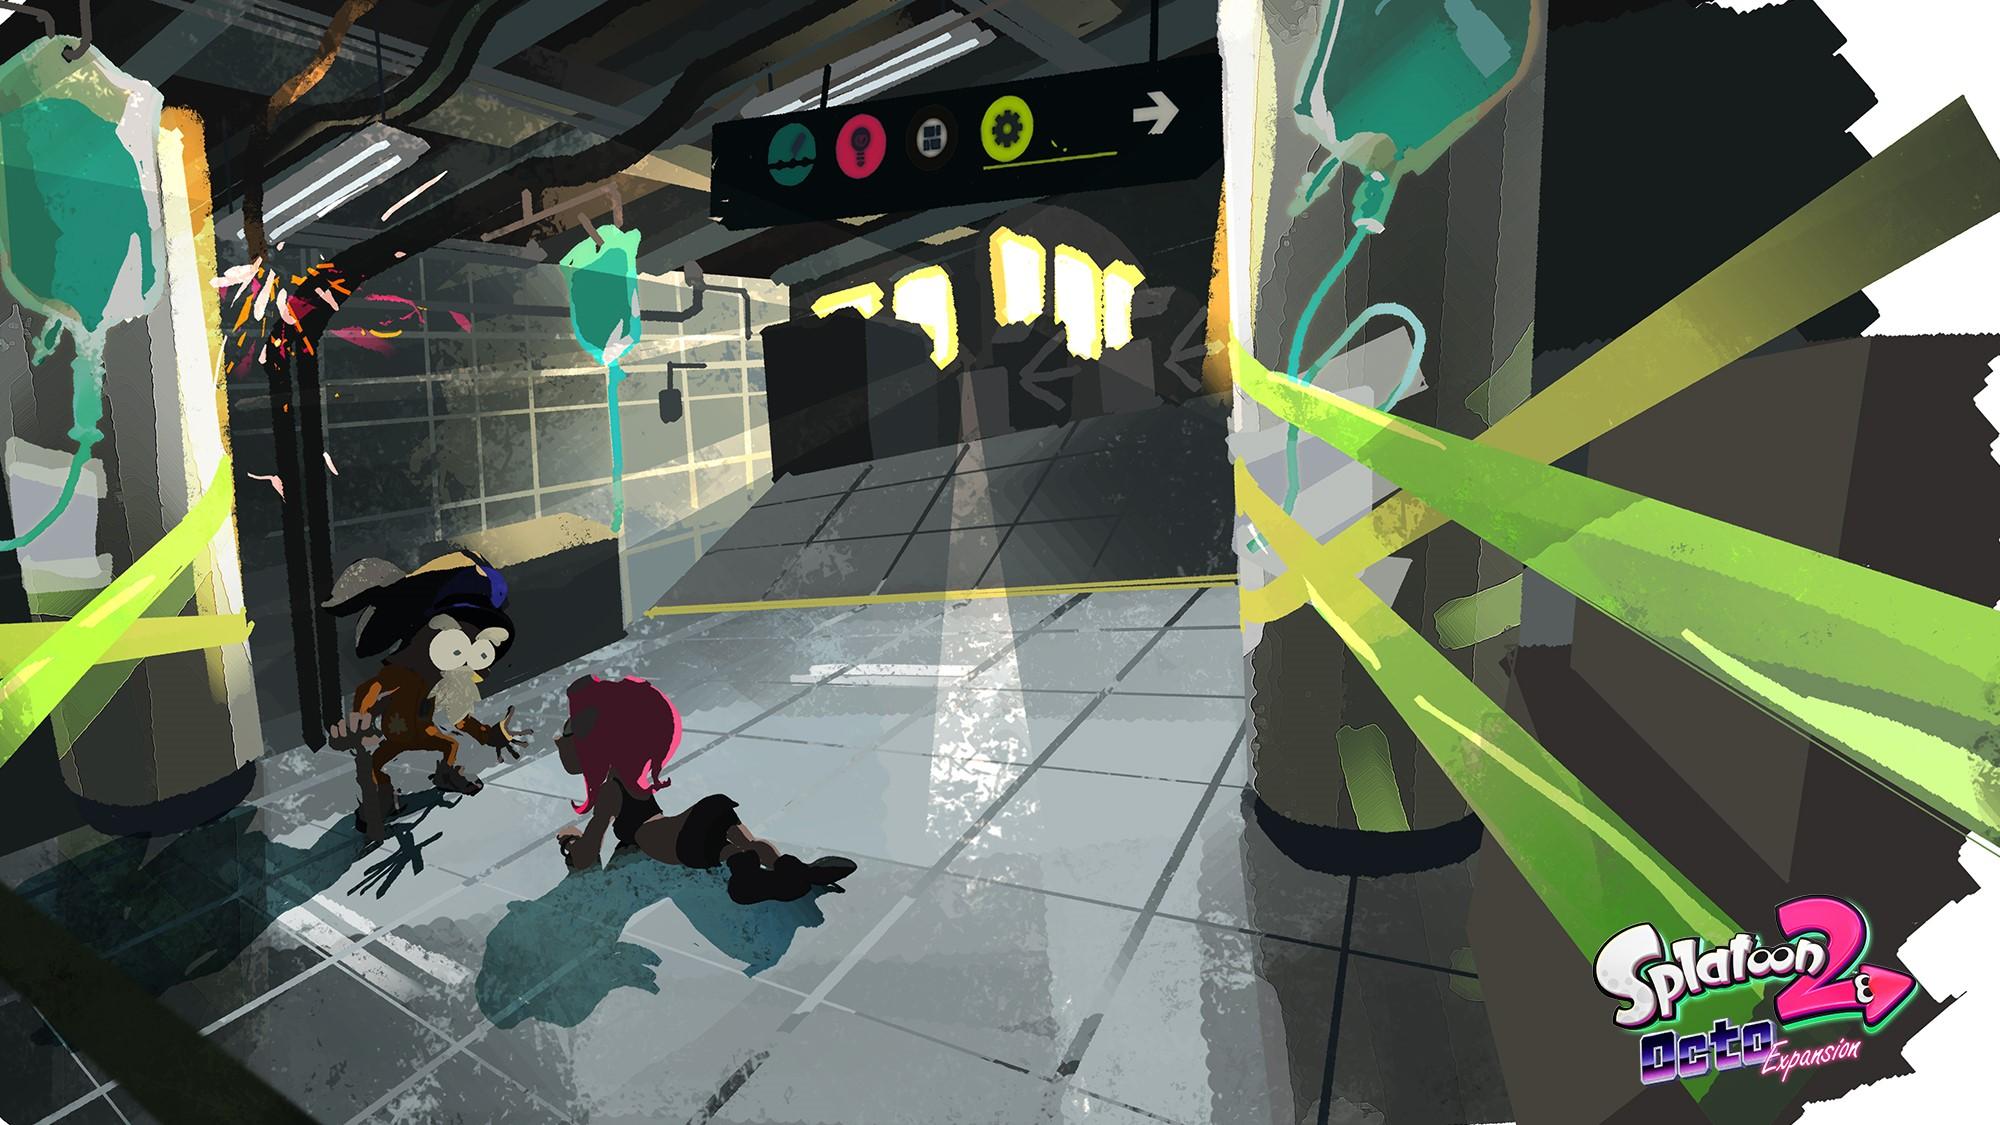 Splatoon 2 Octo Expansion Details And Images Some Zelda